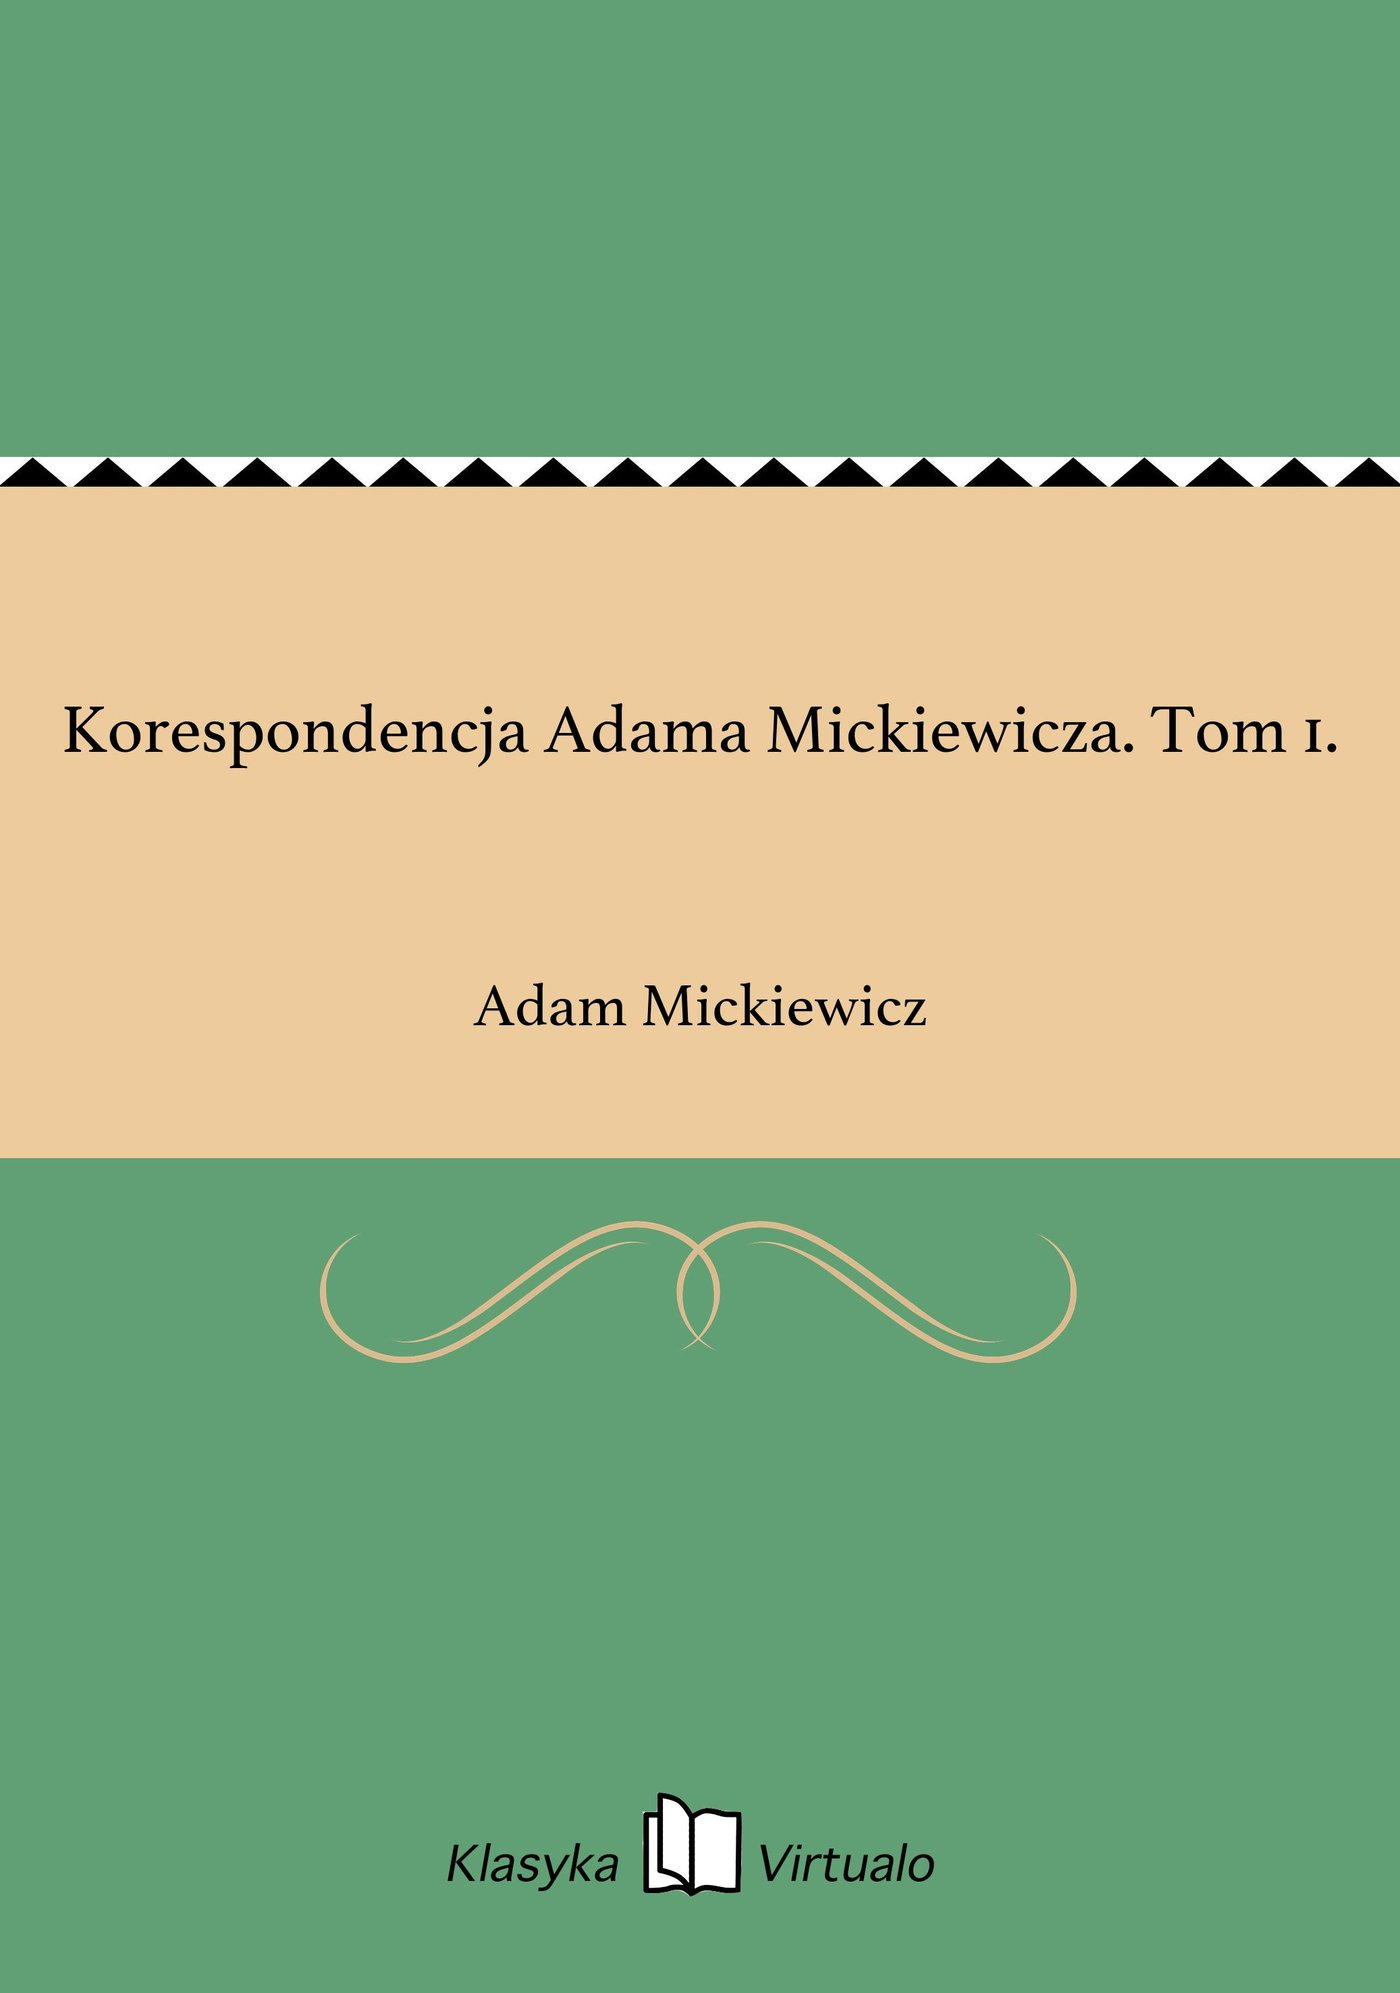 Korespondencja Adama Mickiewicza. Tom 1. - Ebook (Książka EPUB) do pobrania w formacie EPUB